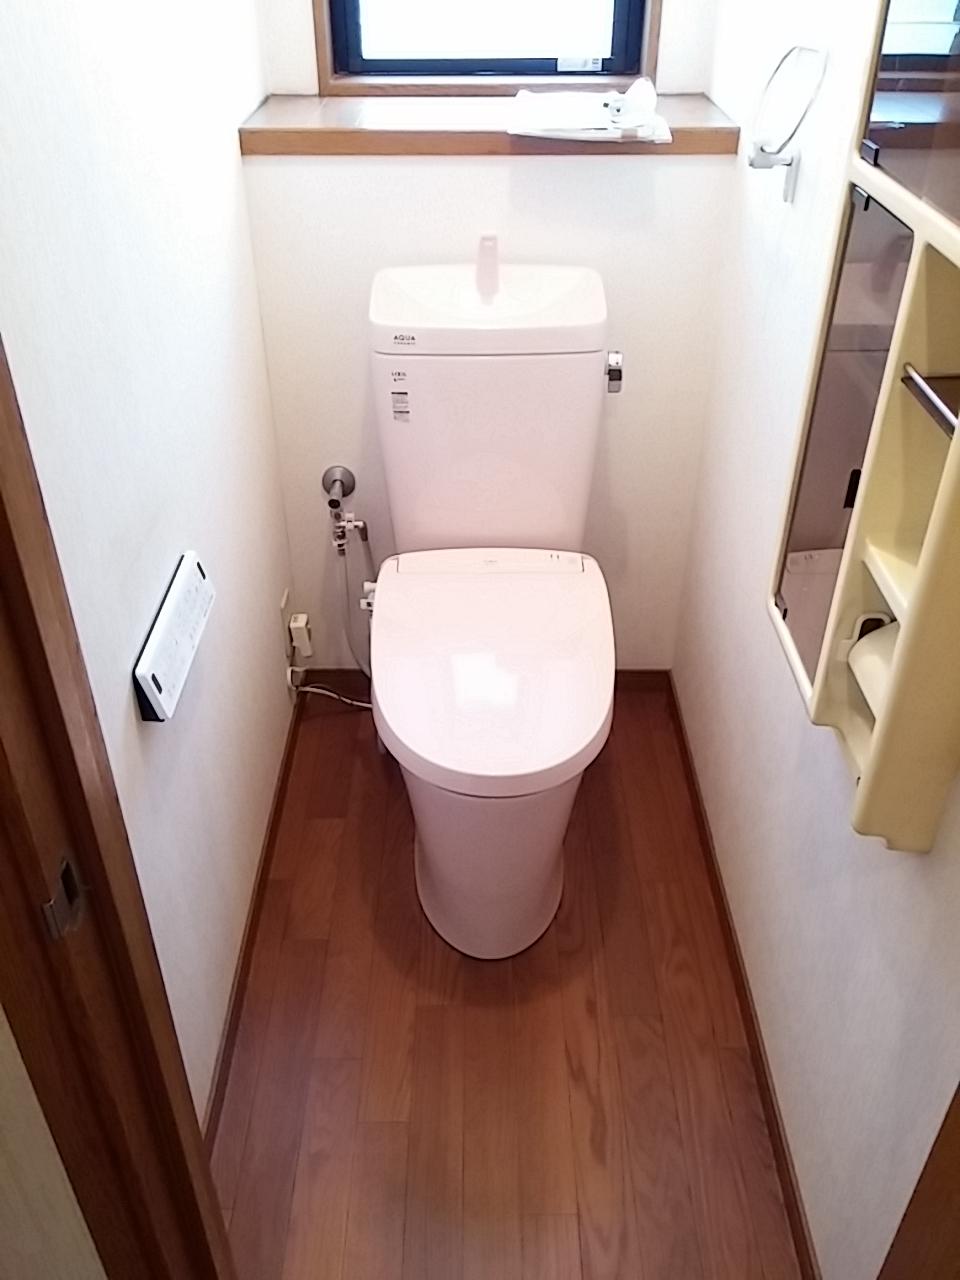 高砂市 トイレ便器の交換